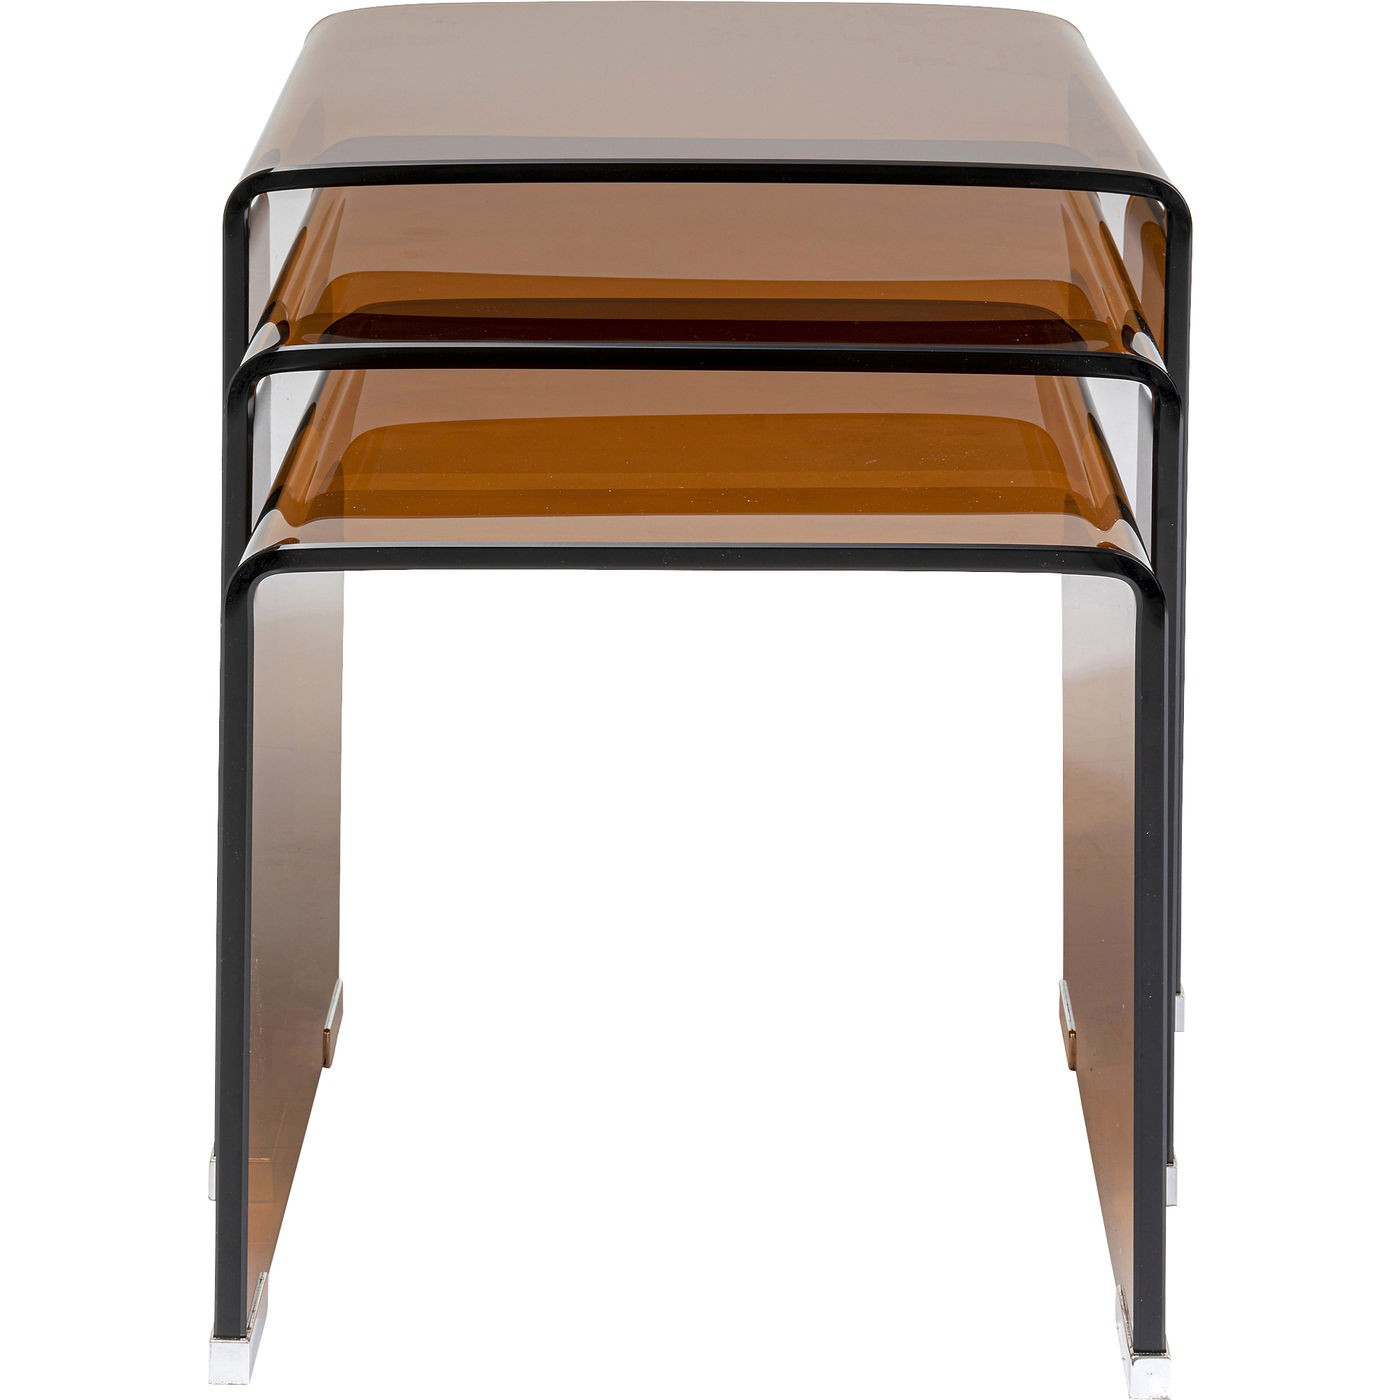 3 tables d'appoint en verre coloré marron